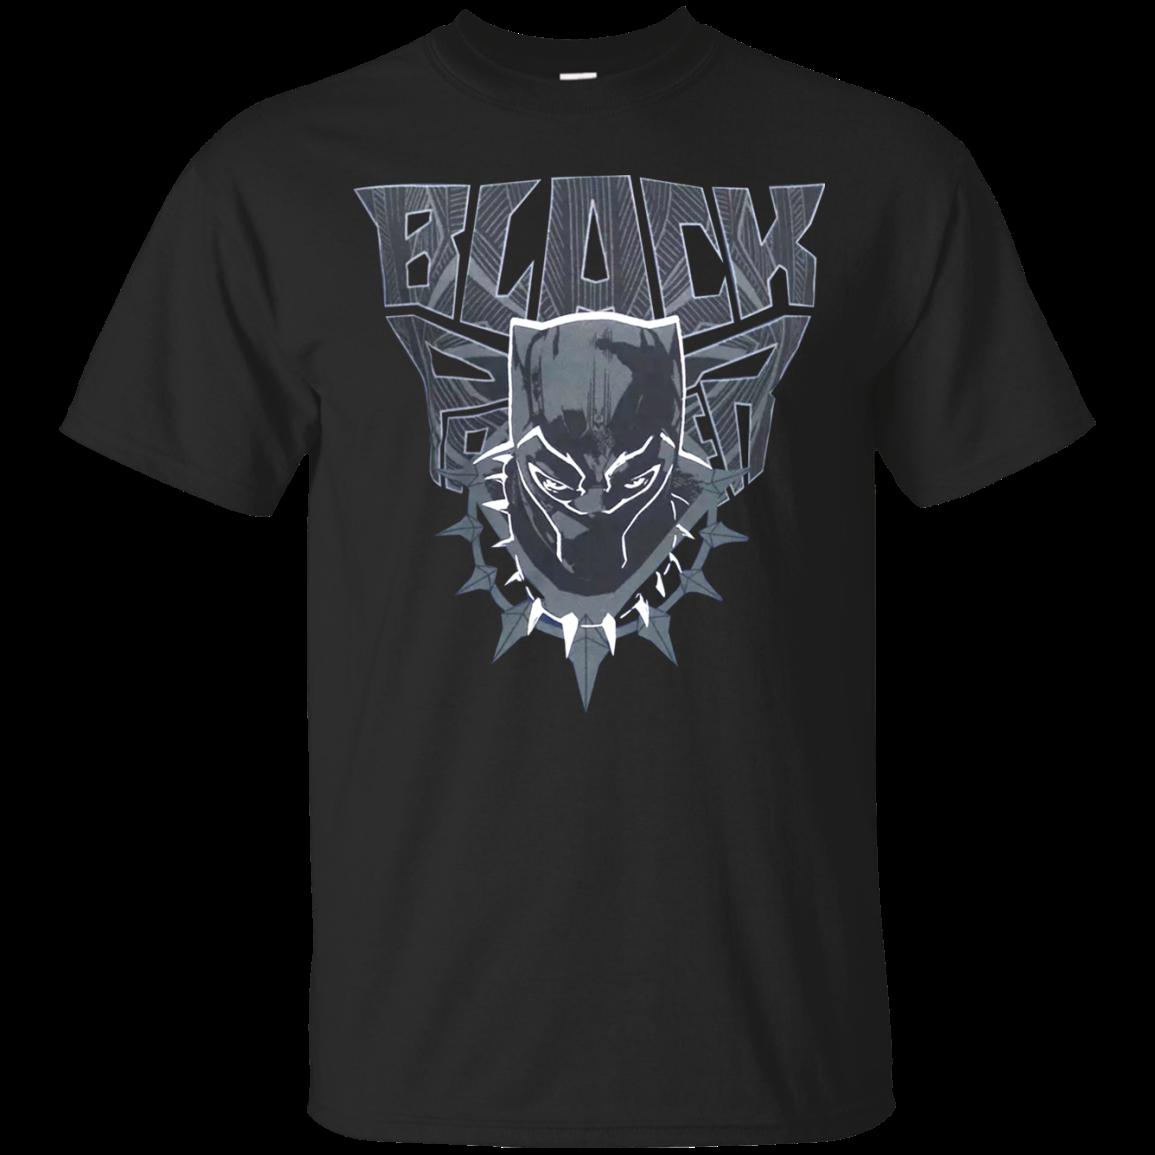 Black Panther Movie The King Men's T shirt hoodie sweater Men